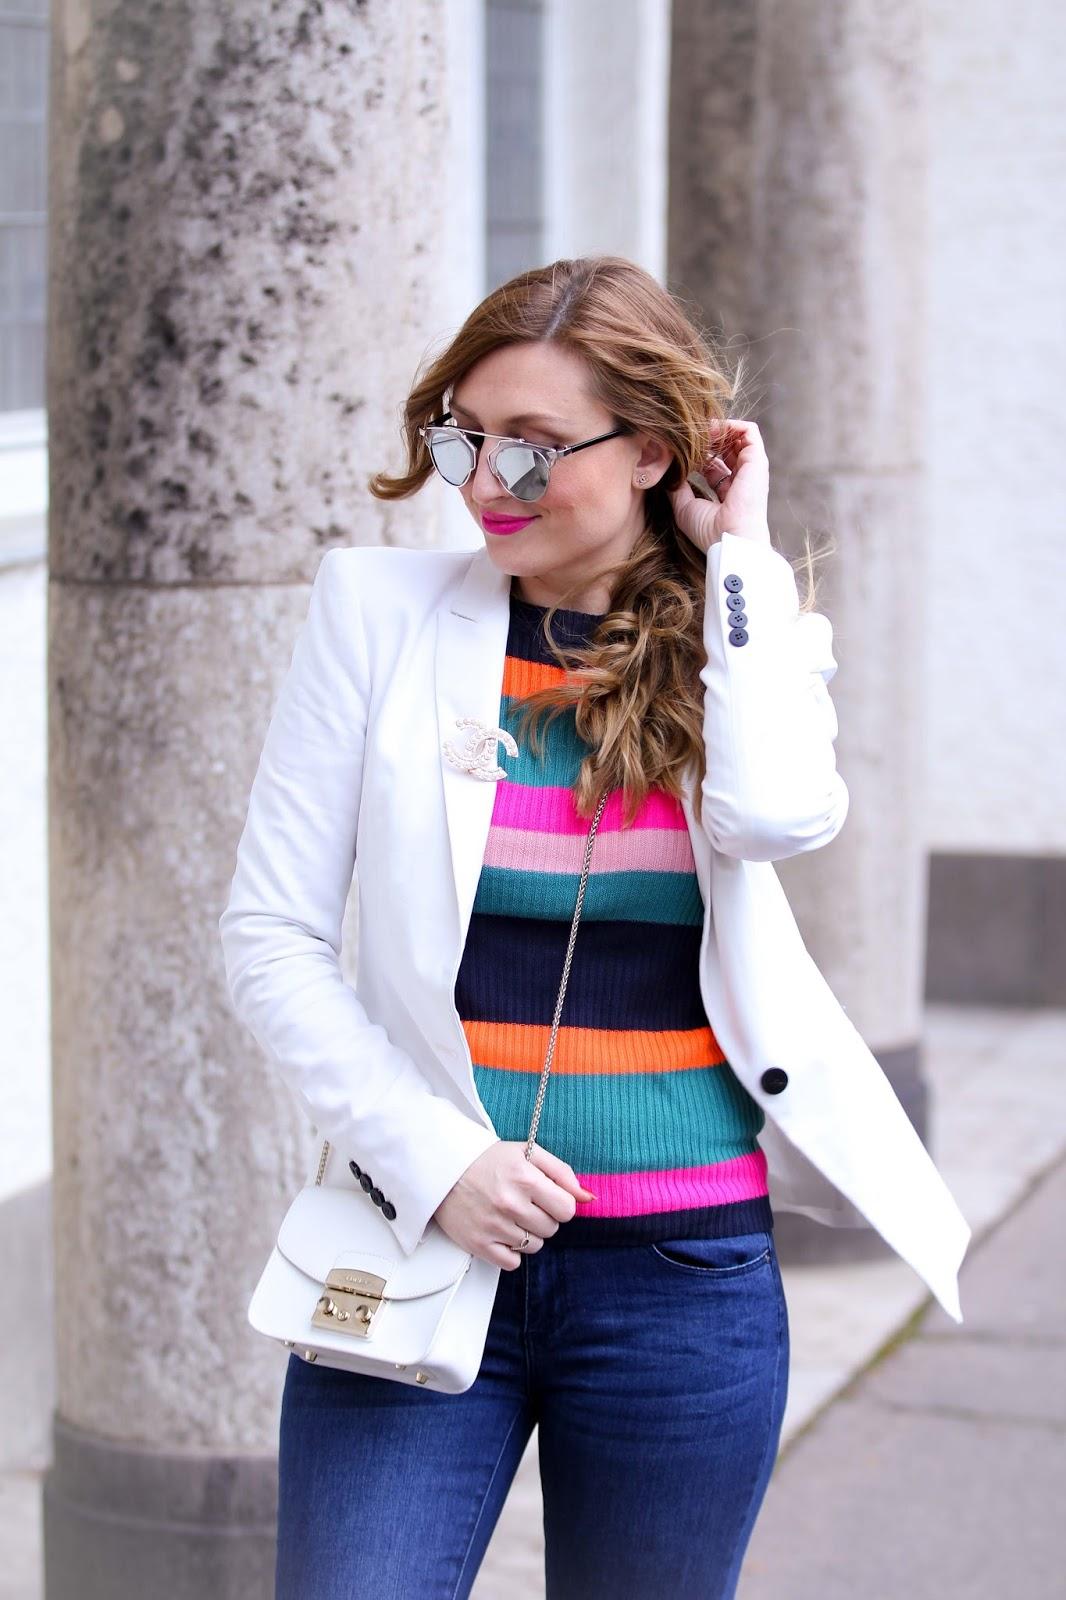 Fashionblogger-Blogger-aus-Deutschland-deutsche-fashionblogger-fashionstylebyjohanna